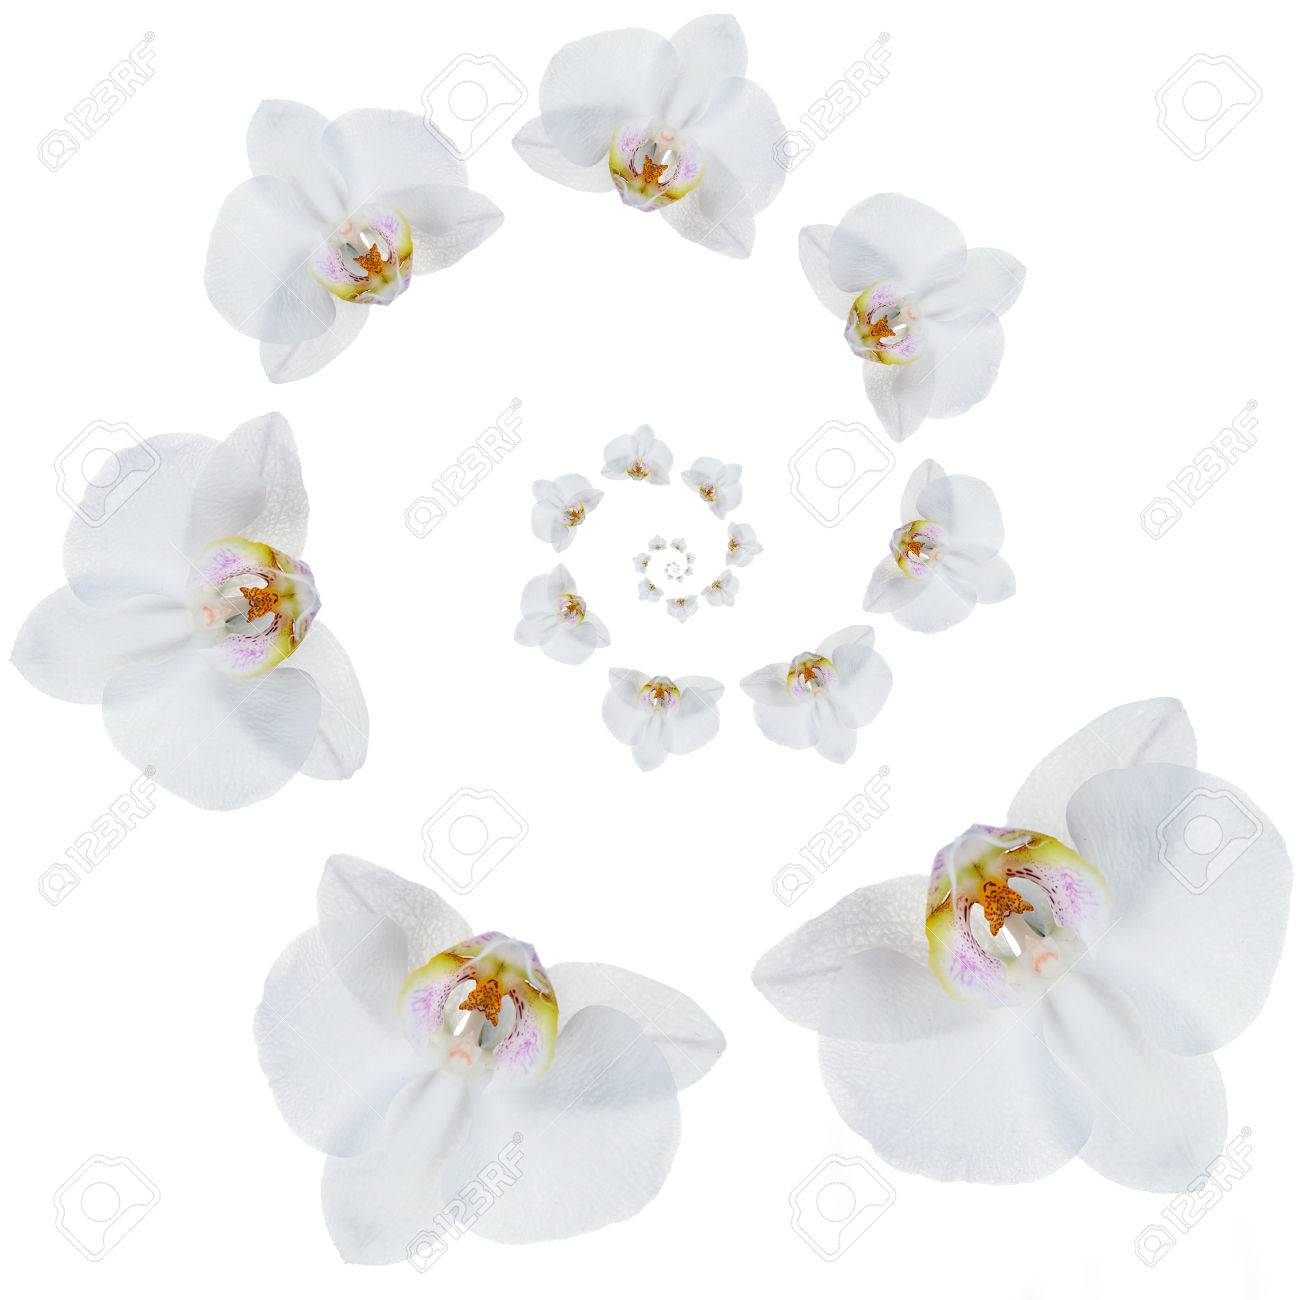 Spirale De Fleur D Orchidee Tropicale Blanche Isolee Sur Blanc